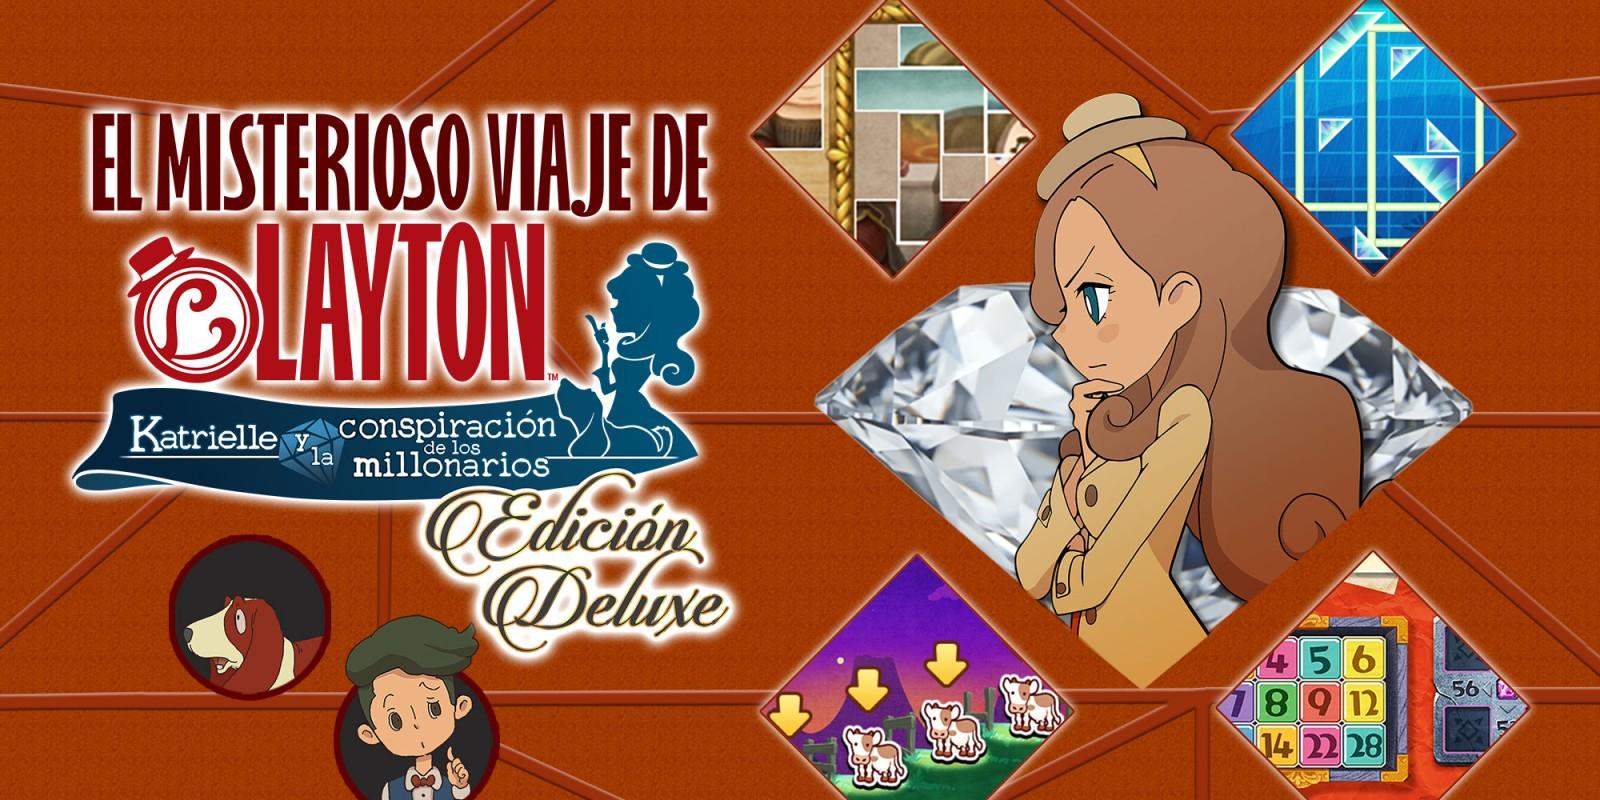 EL MISTERIOSO VIAJE DE LAYTON™: Katrielle y la conspiración de los millonarios - Edición Deluxe